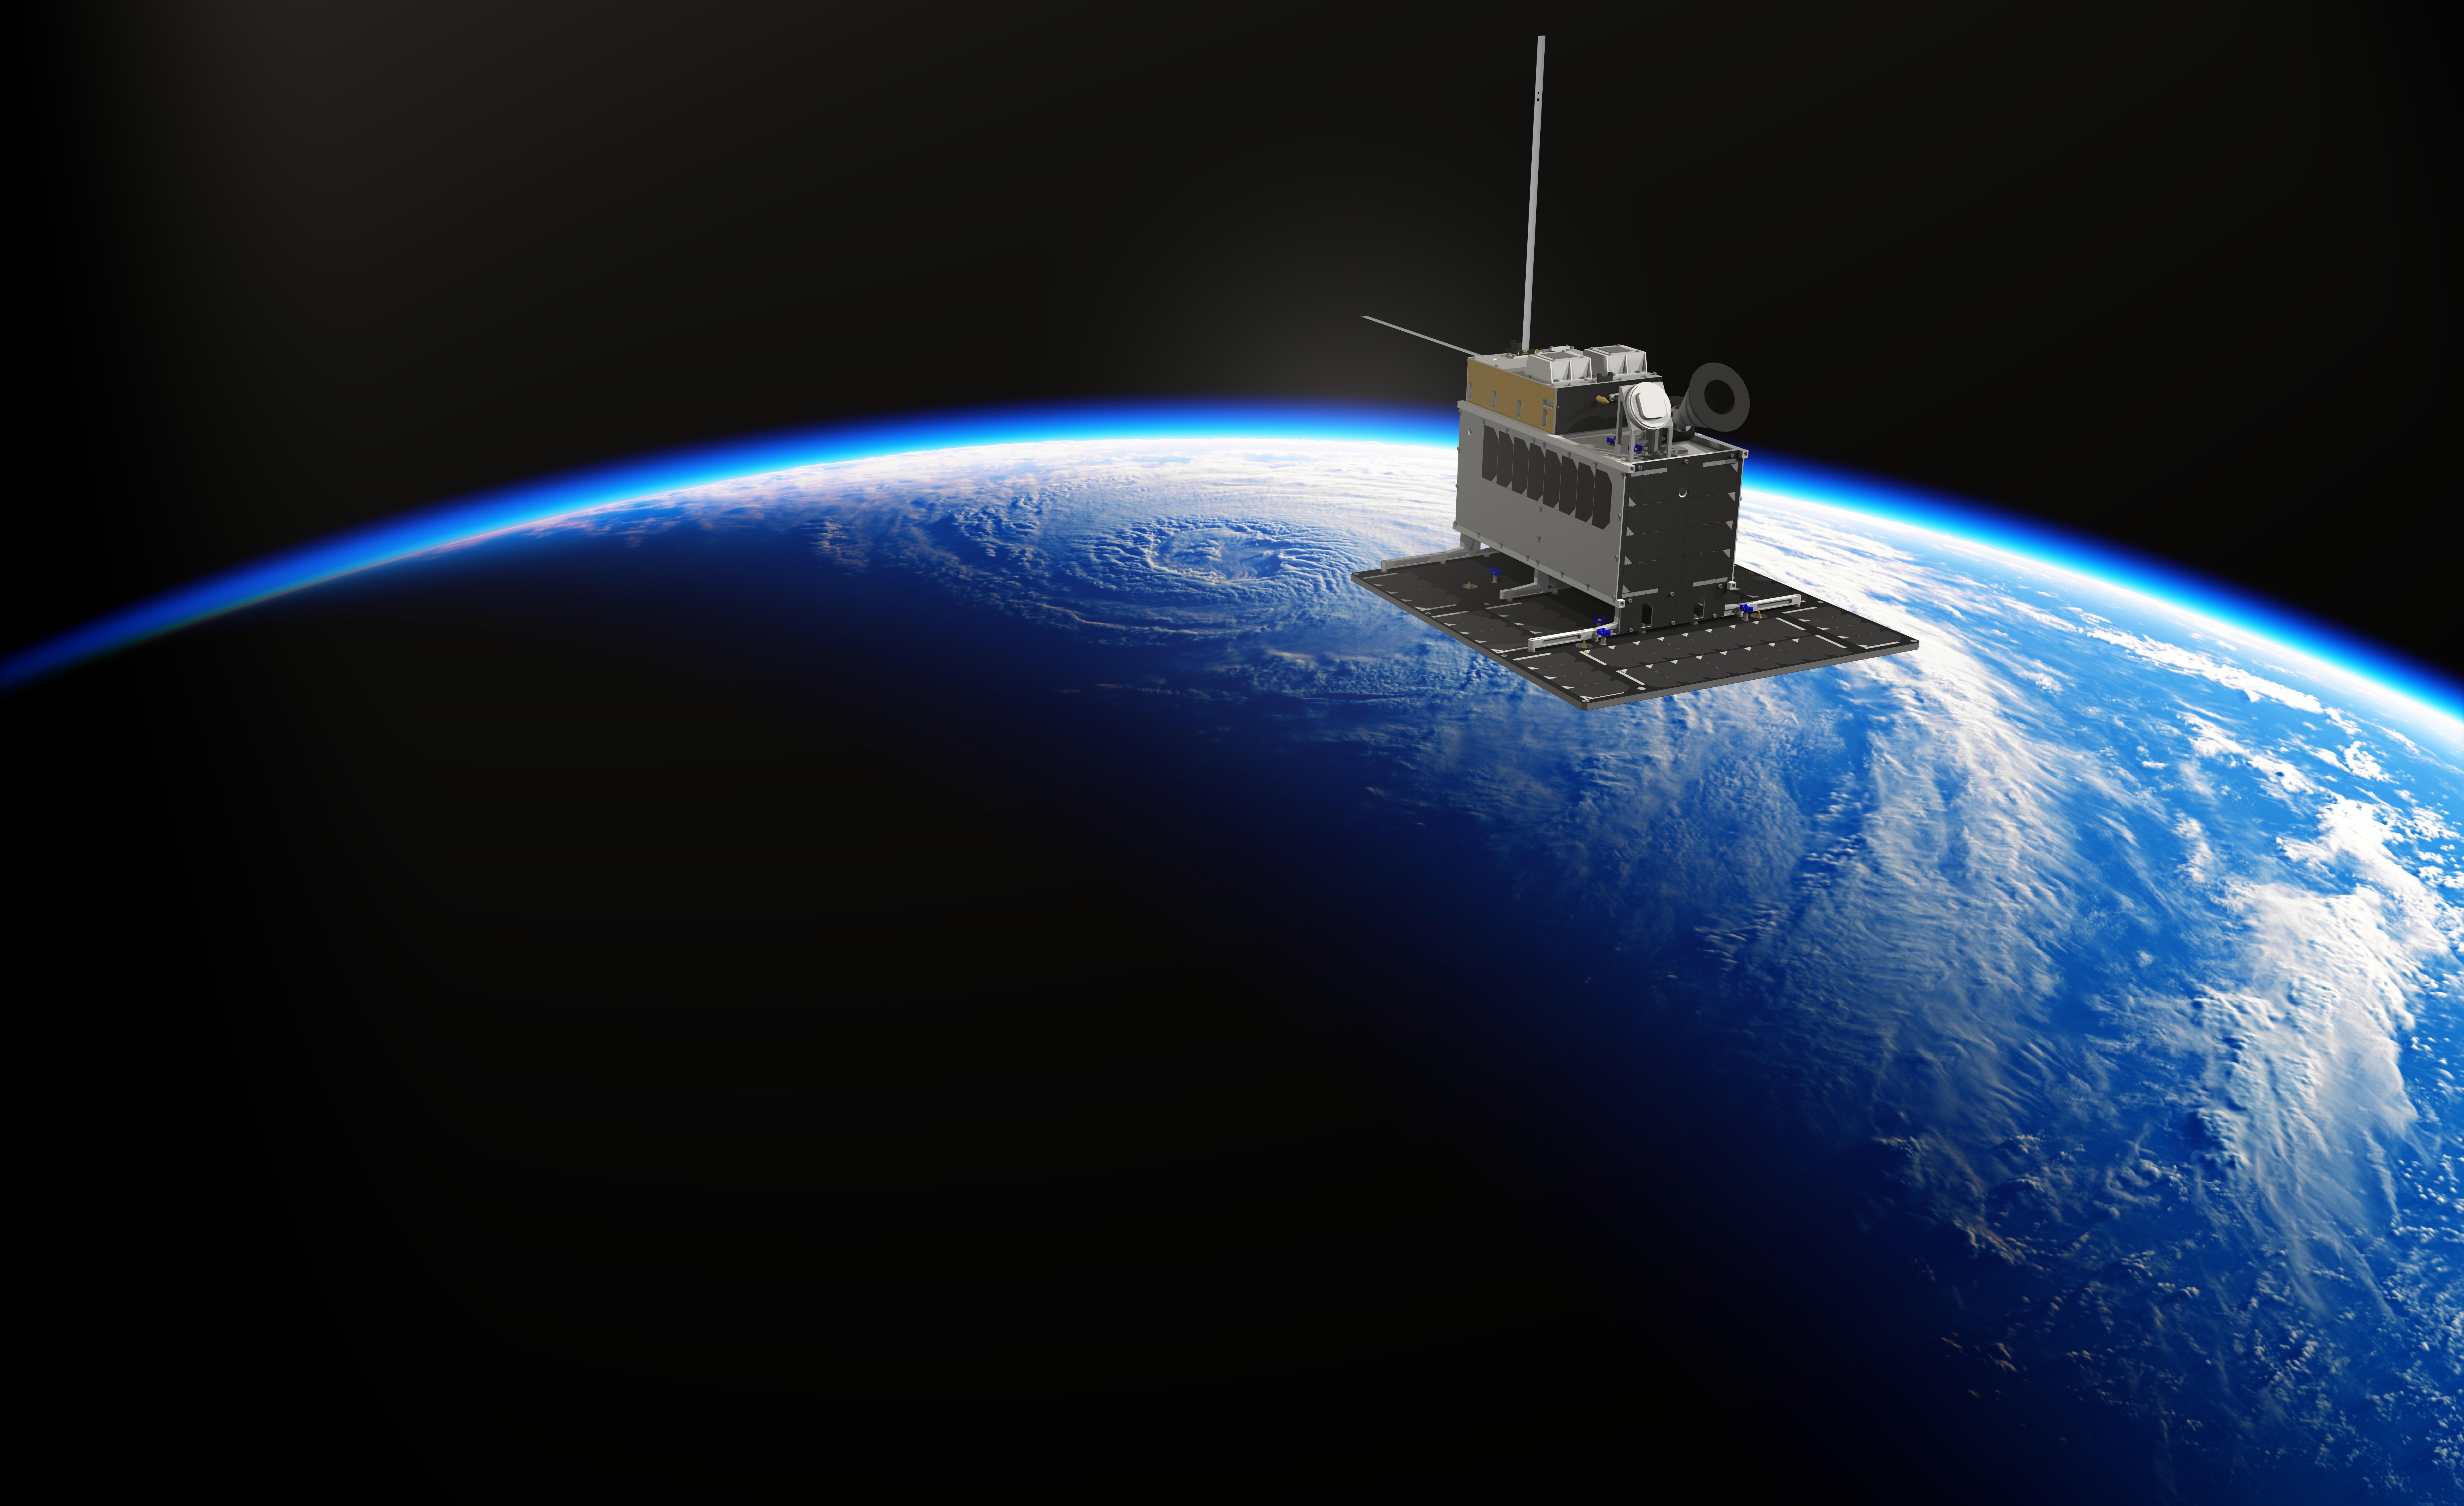 NorSat-3